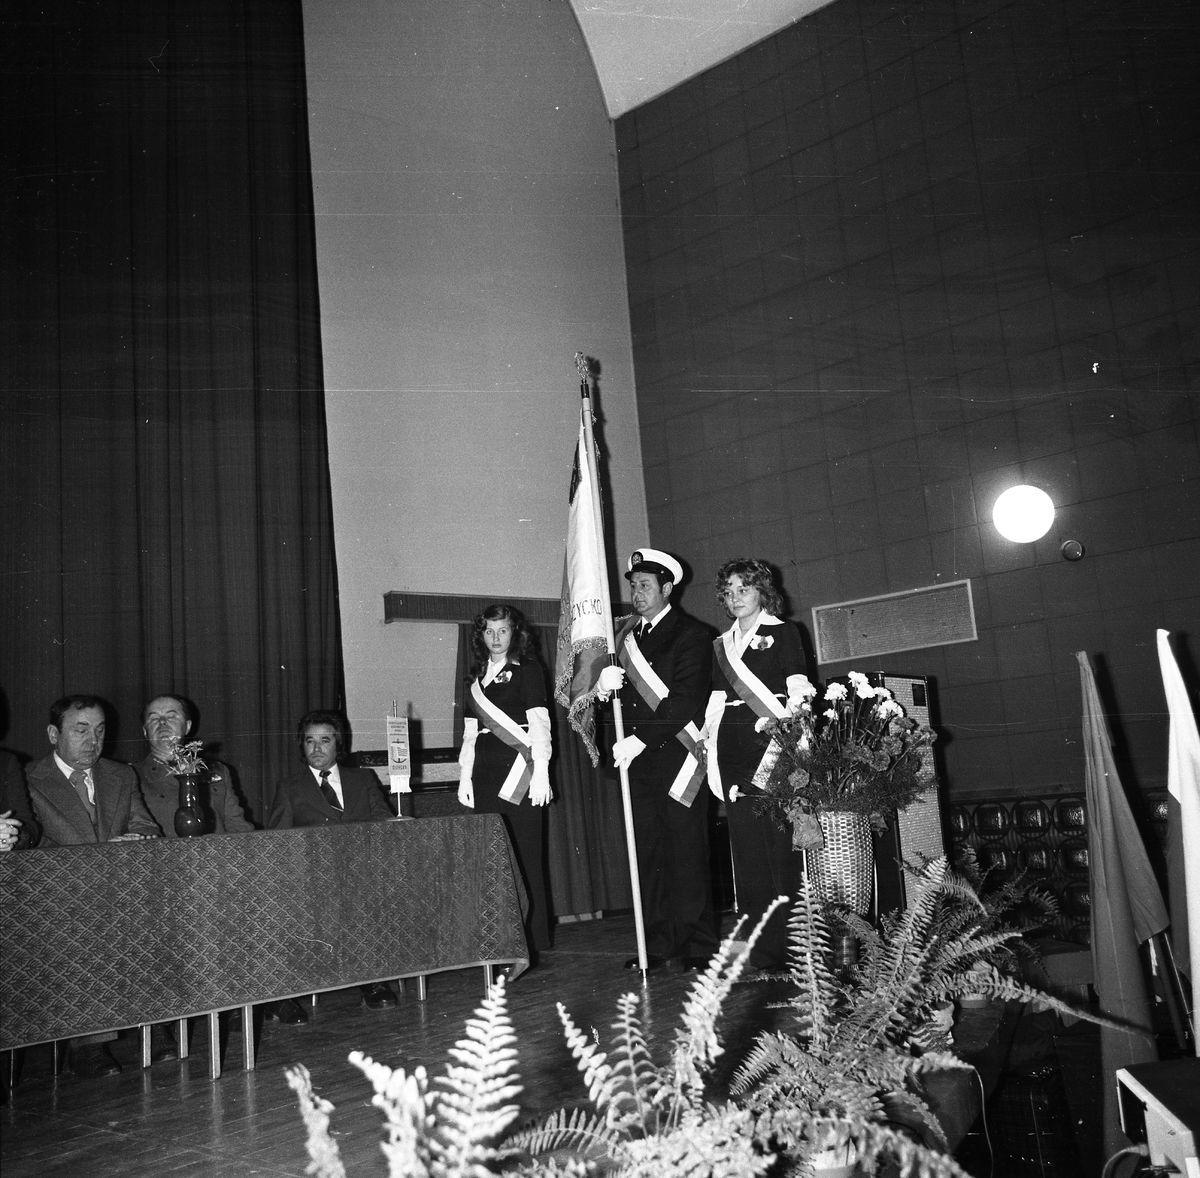 Sztandar Przedsiębiorstwa Budownictwa Wodno-Inżynieryjnego, 1972 r.